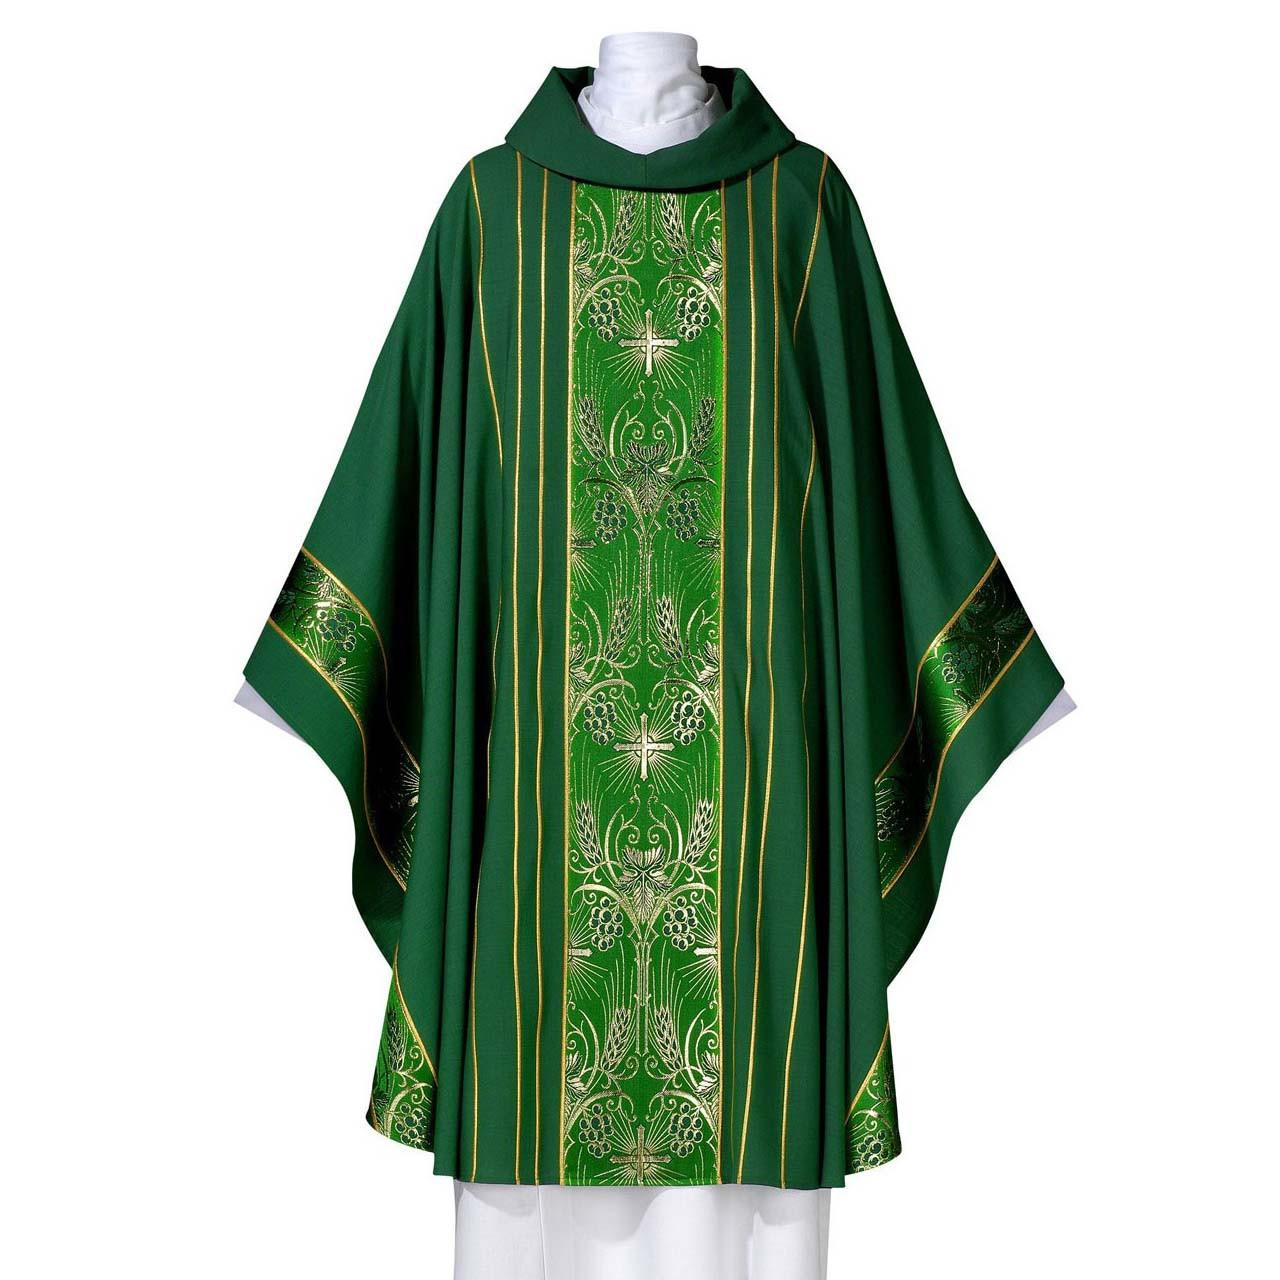 102-0404 Green Torino Chasuble from Arte-Grosse